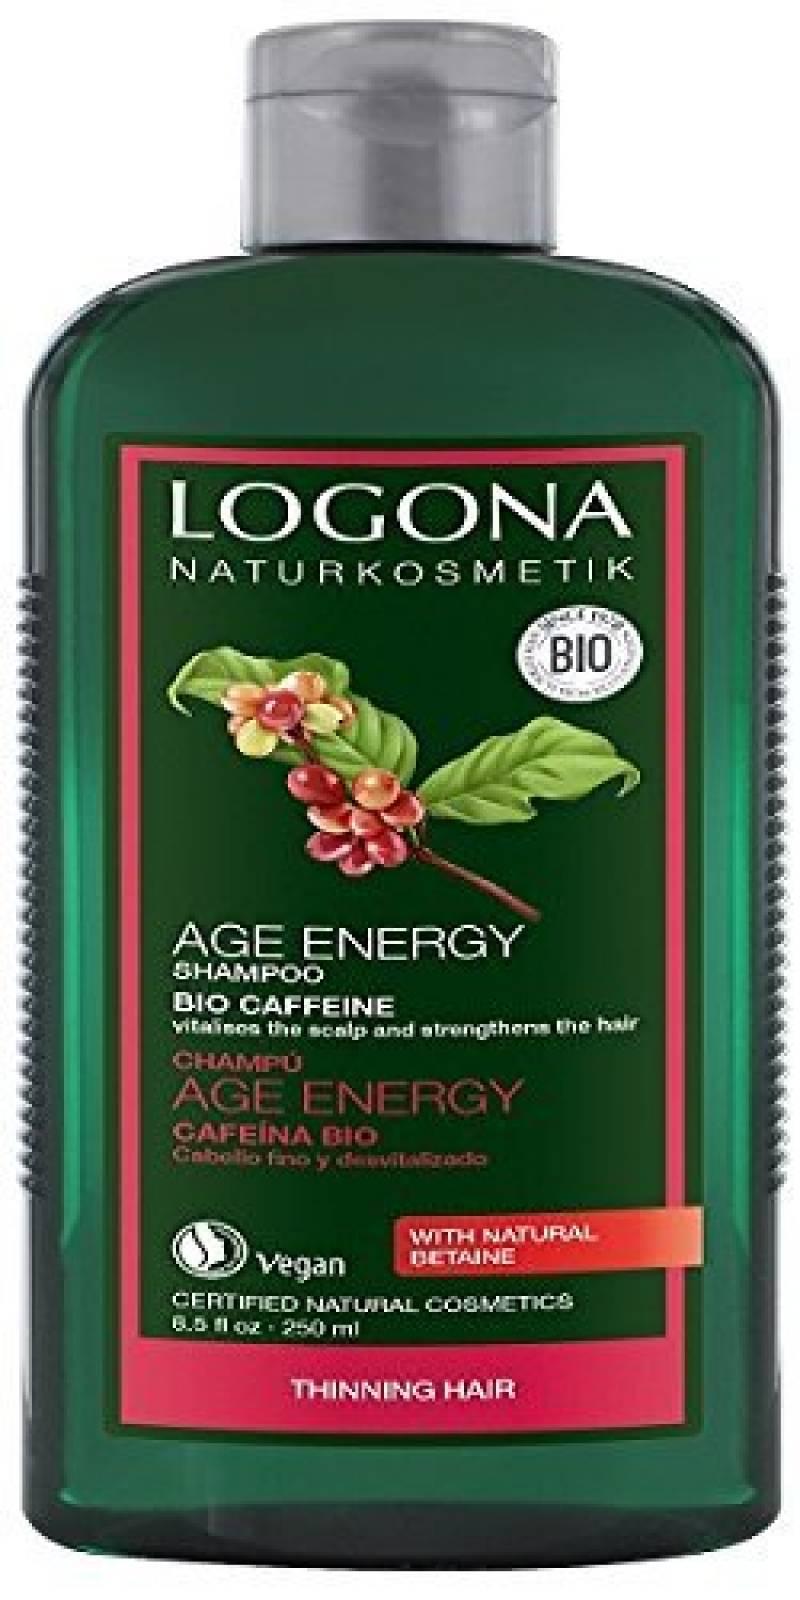 Logona - Shampoing Age Energy caféiné bio - 250 ml de la marque Logona TOP 2 image 0 produit